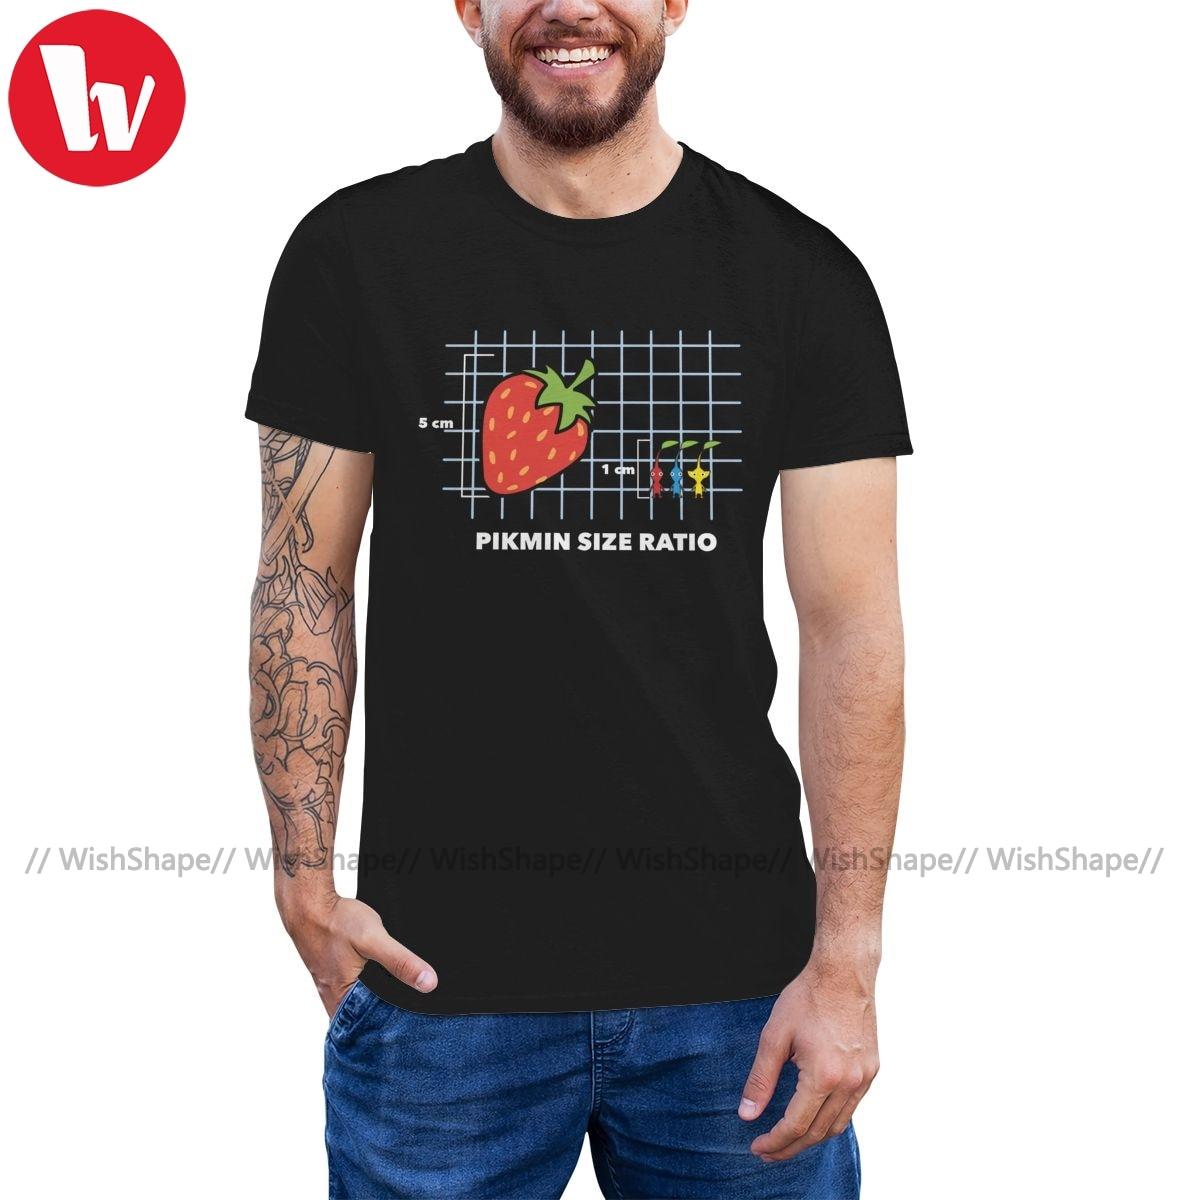 Футболка Pikmin, размер Pikmin, Пляжная футболка с принтом, с короткими рукавами, потрясающая Мужская футболка большого размера